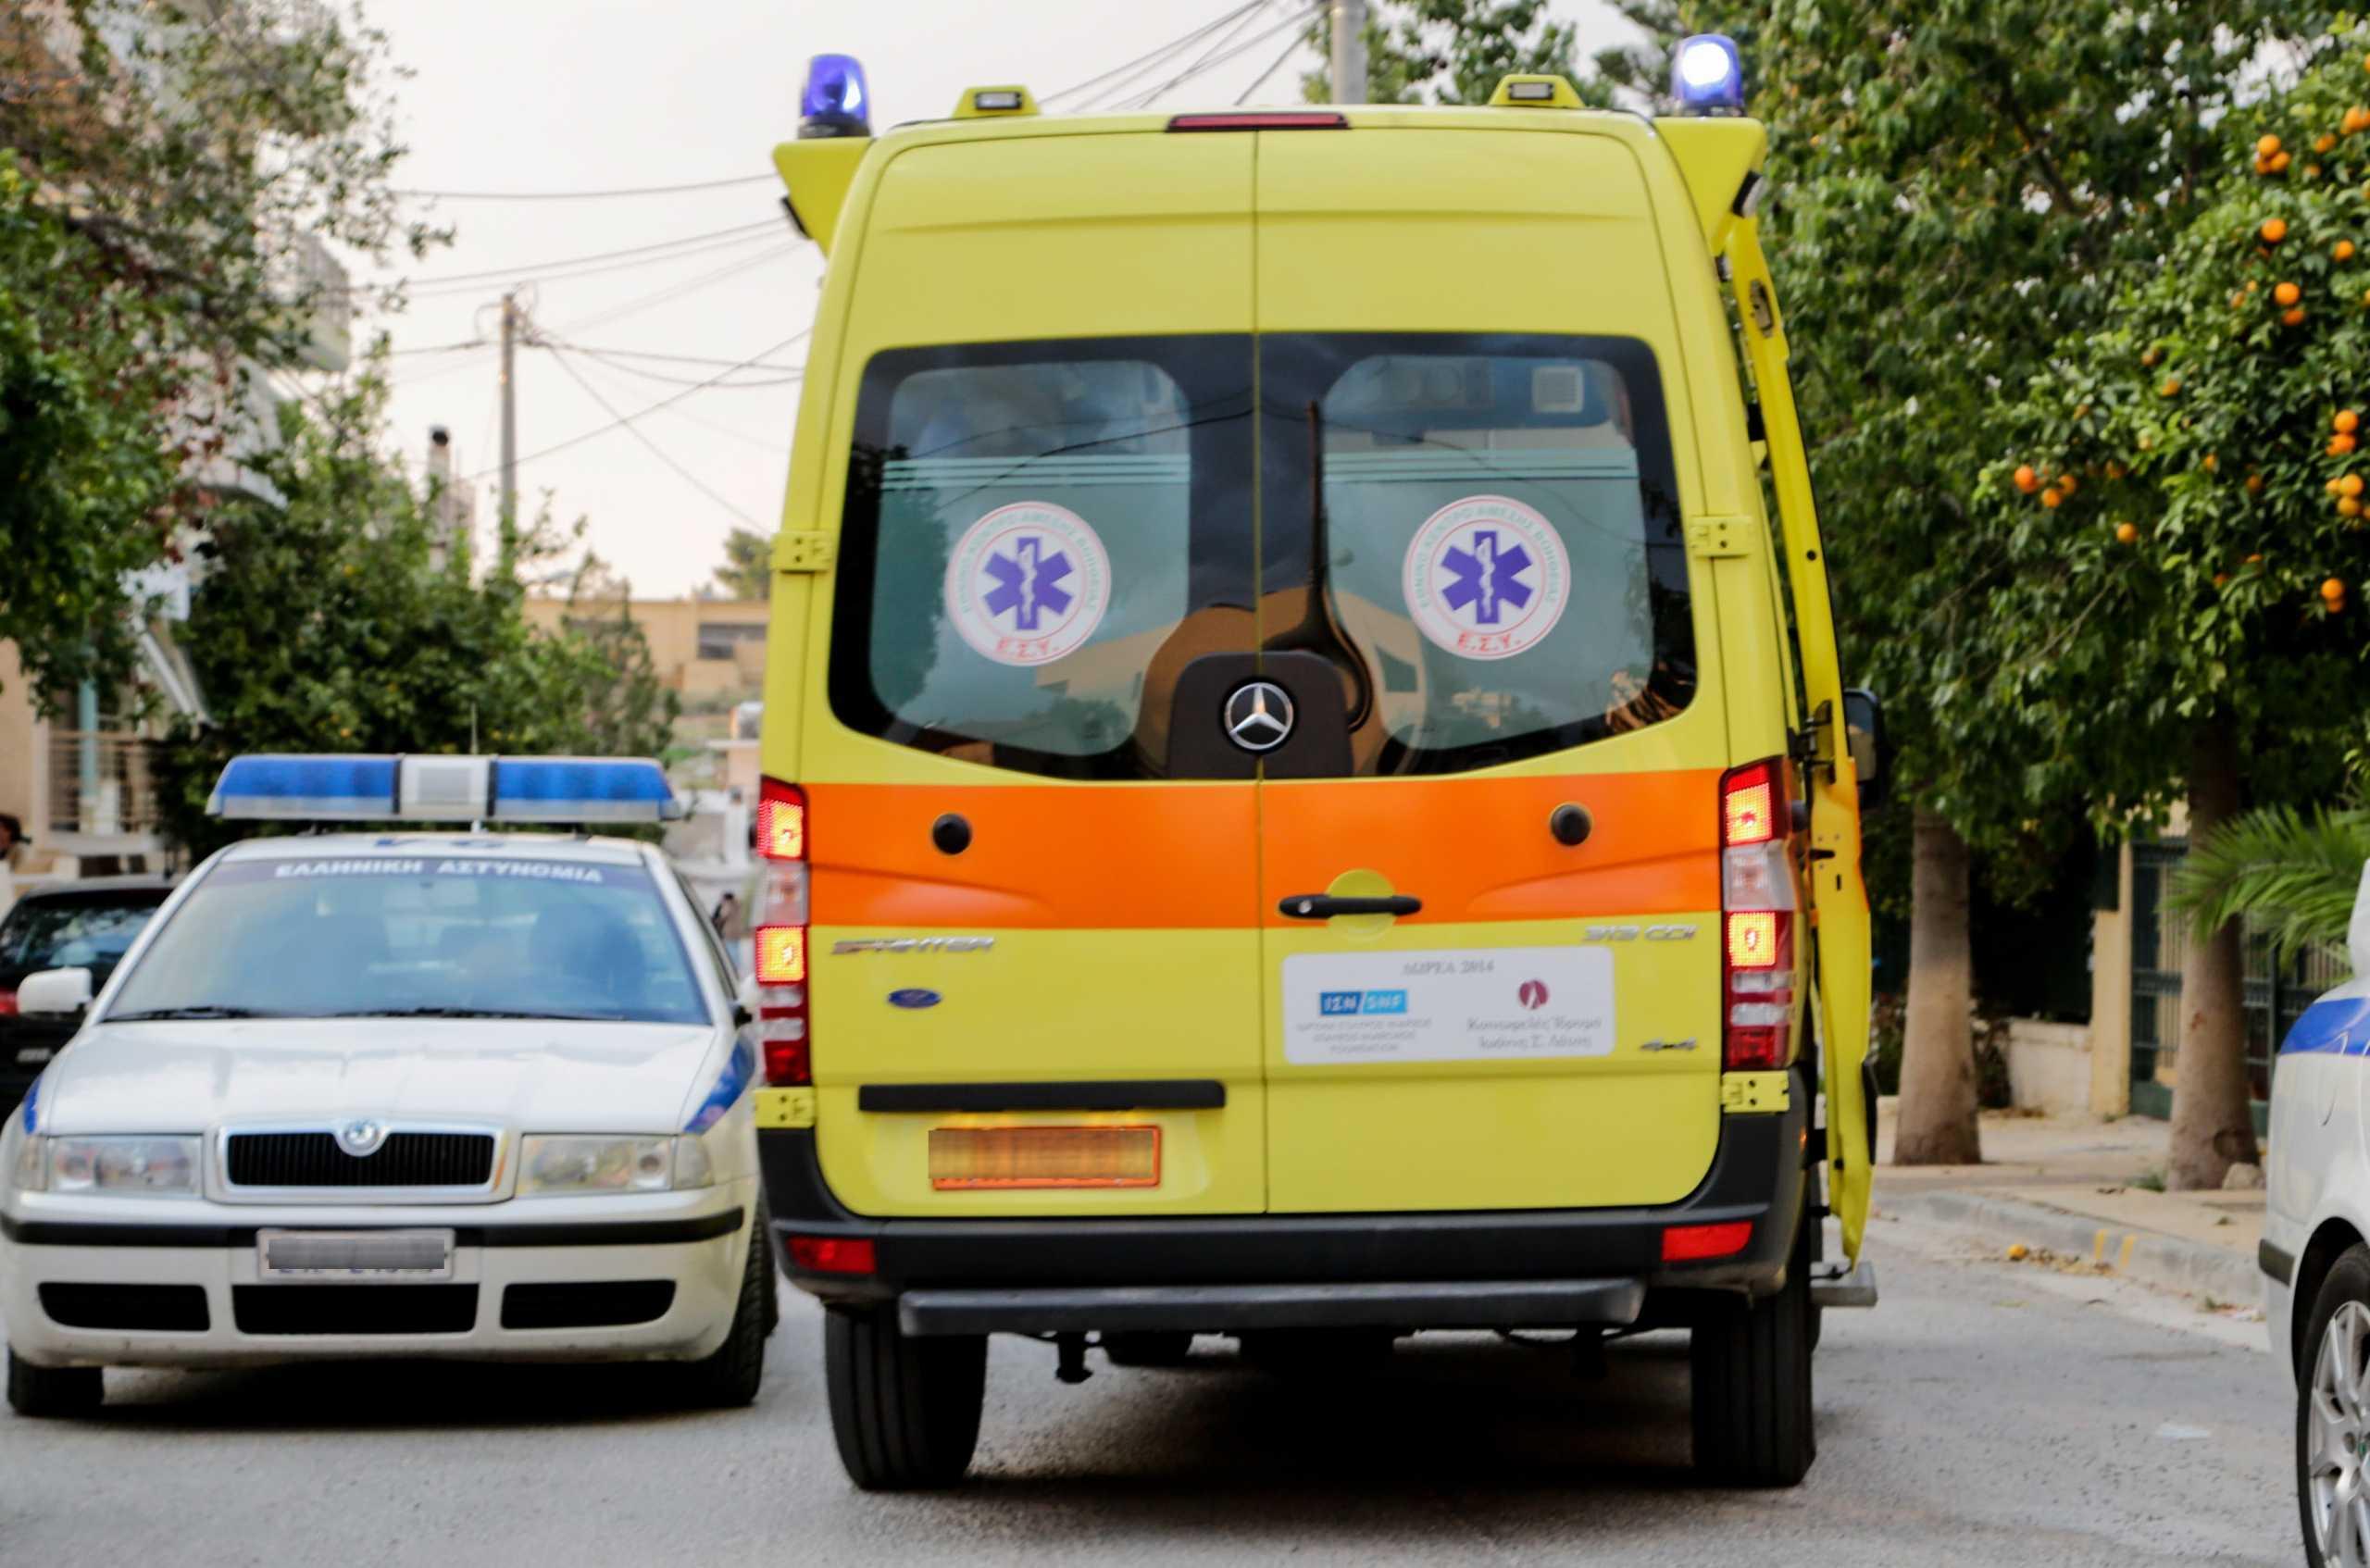 Χανιά: Αυτοπυροβολήθηκε στη Γαύδο – Σε σοβαρή κατάσταση στο νοσοκομείο